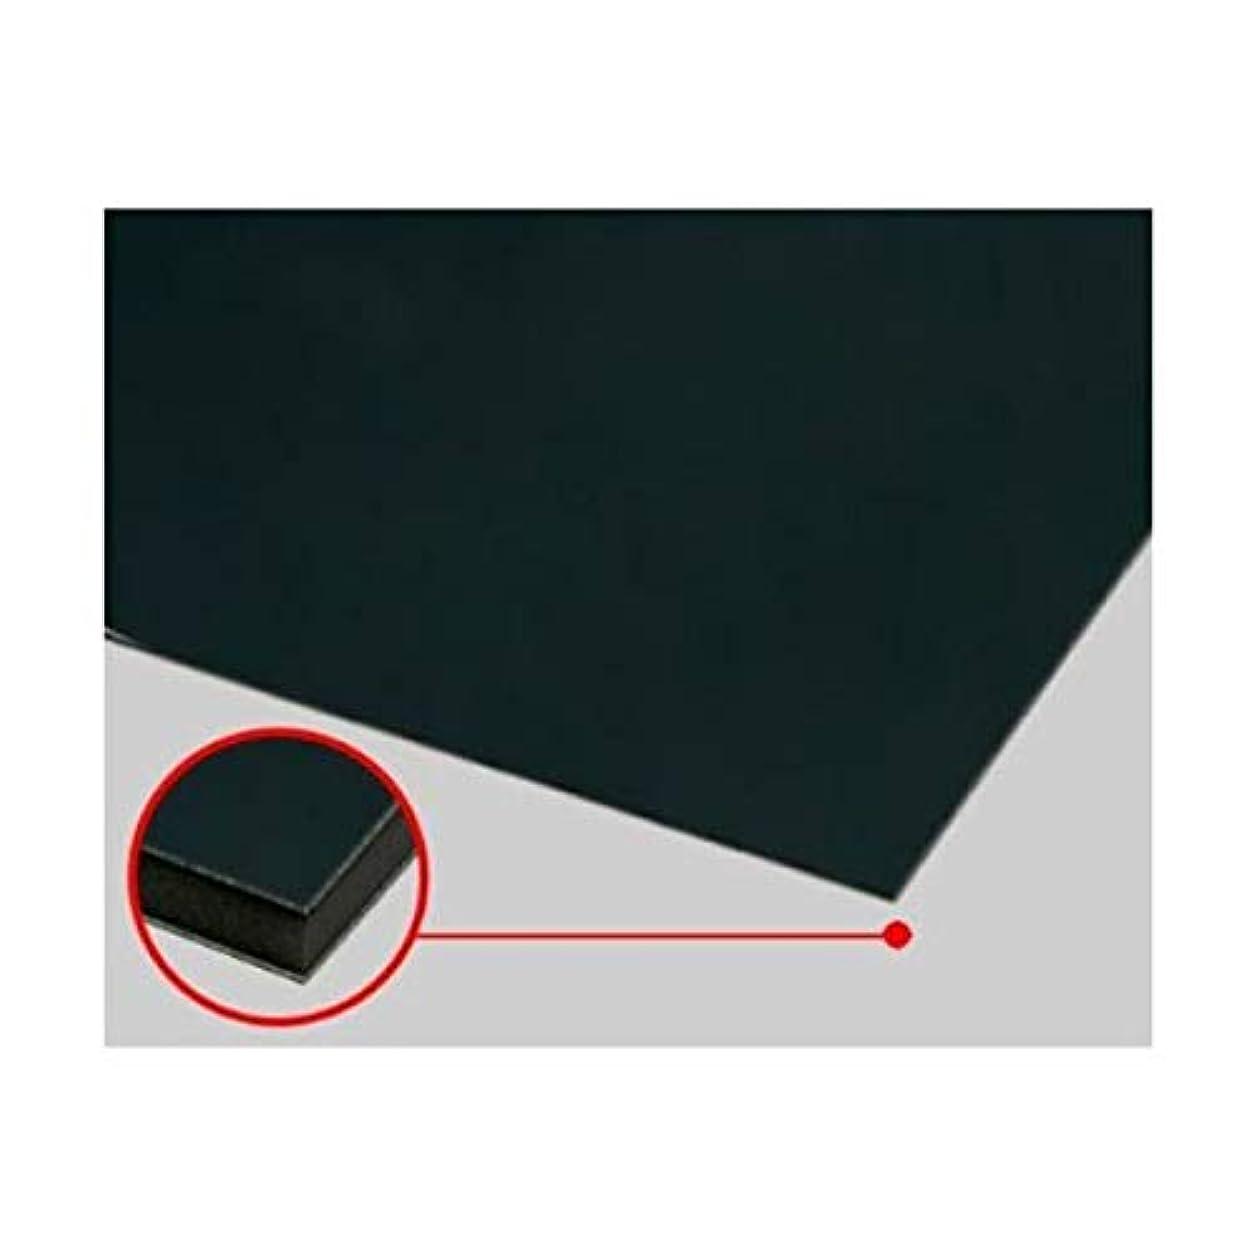 補体煙突豊富アルミ複合板ソレイタ(両面ブラック 艶あり/艶なし)3mm 100×300mm 縮小カット1枚無料 (メーカー規格板は法人限定出品に移行しました)